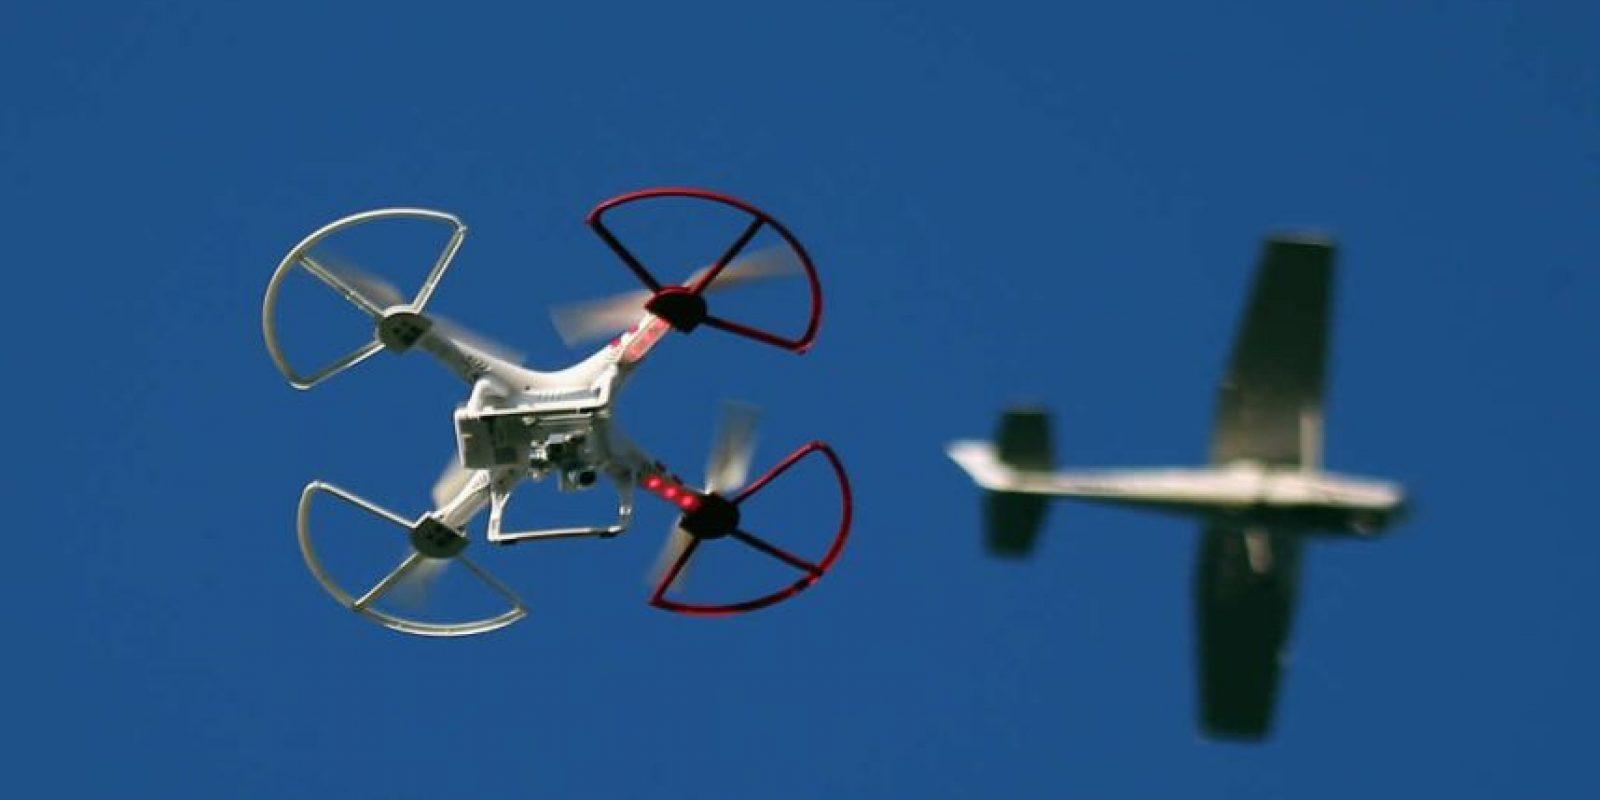 La tecnología ha comenzado a surcar los cielos ya no sólo en forma de aviones o helicópteros. Foto:Getty Images